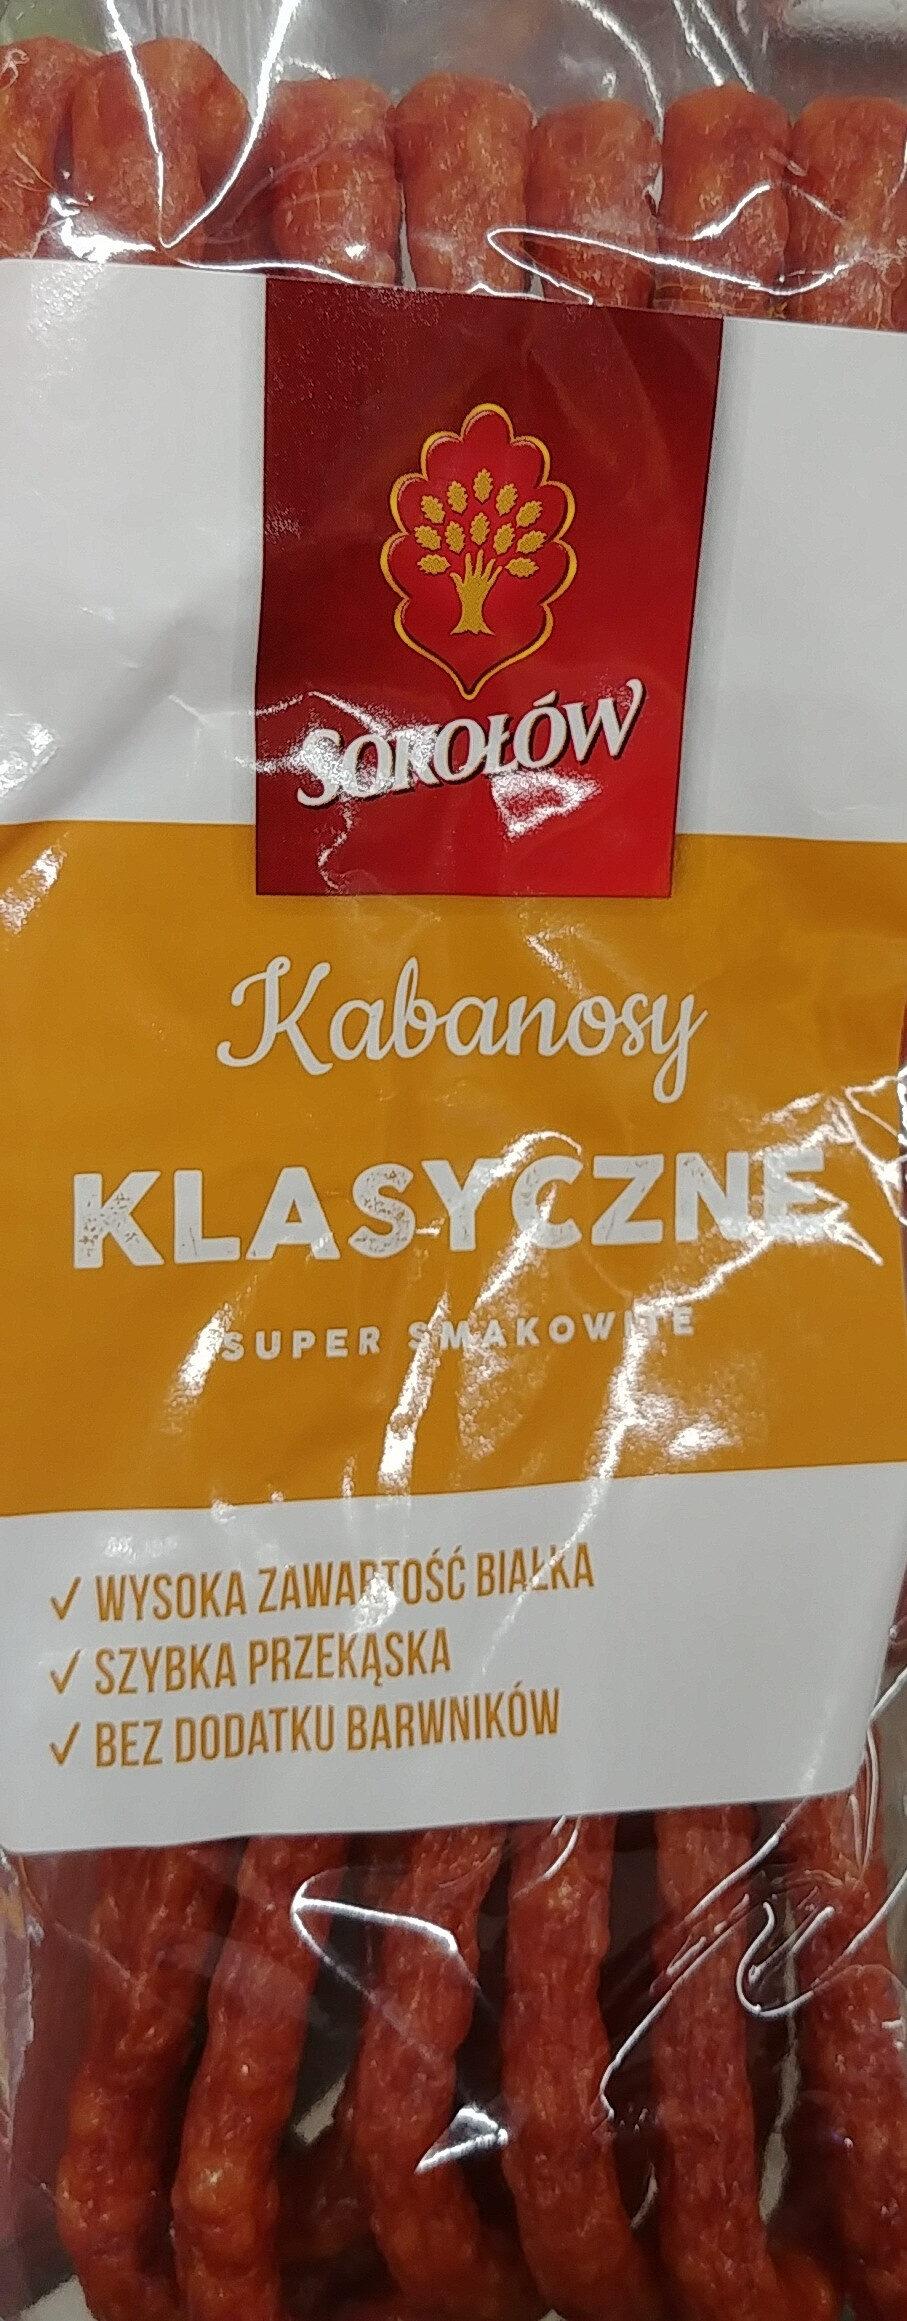 Kabanosy klasyczne wieprzowo-wołowe, drobno rozdrobnione, wędzone, parzone, suszone. - Produkt - pl